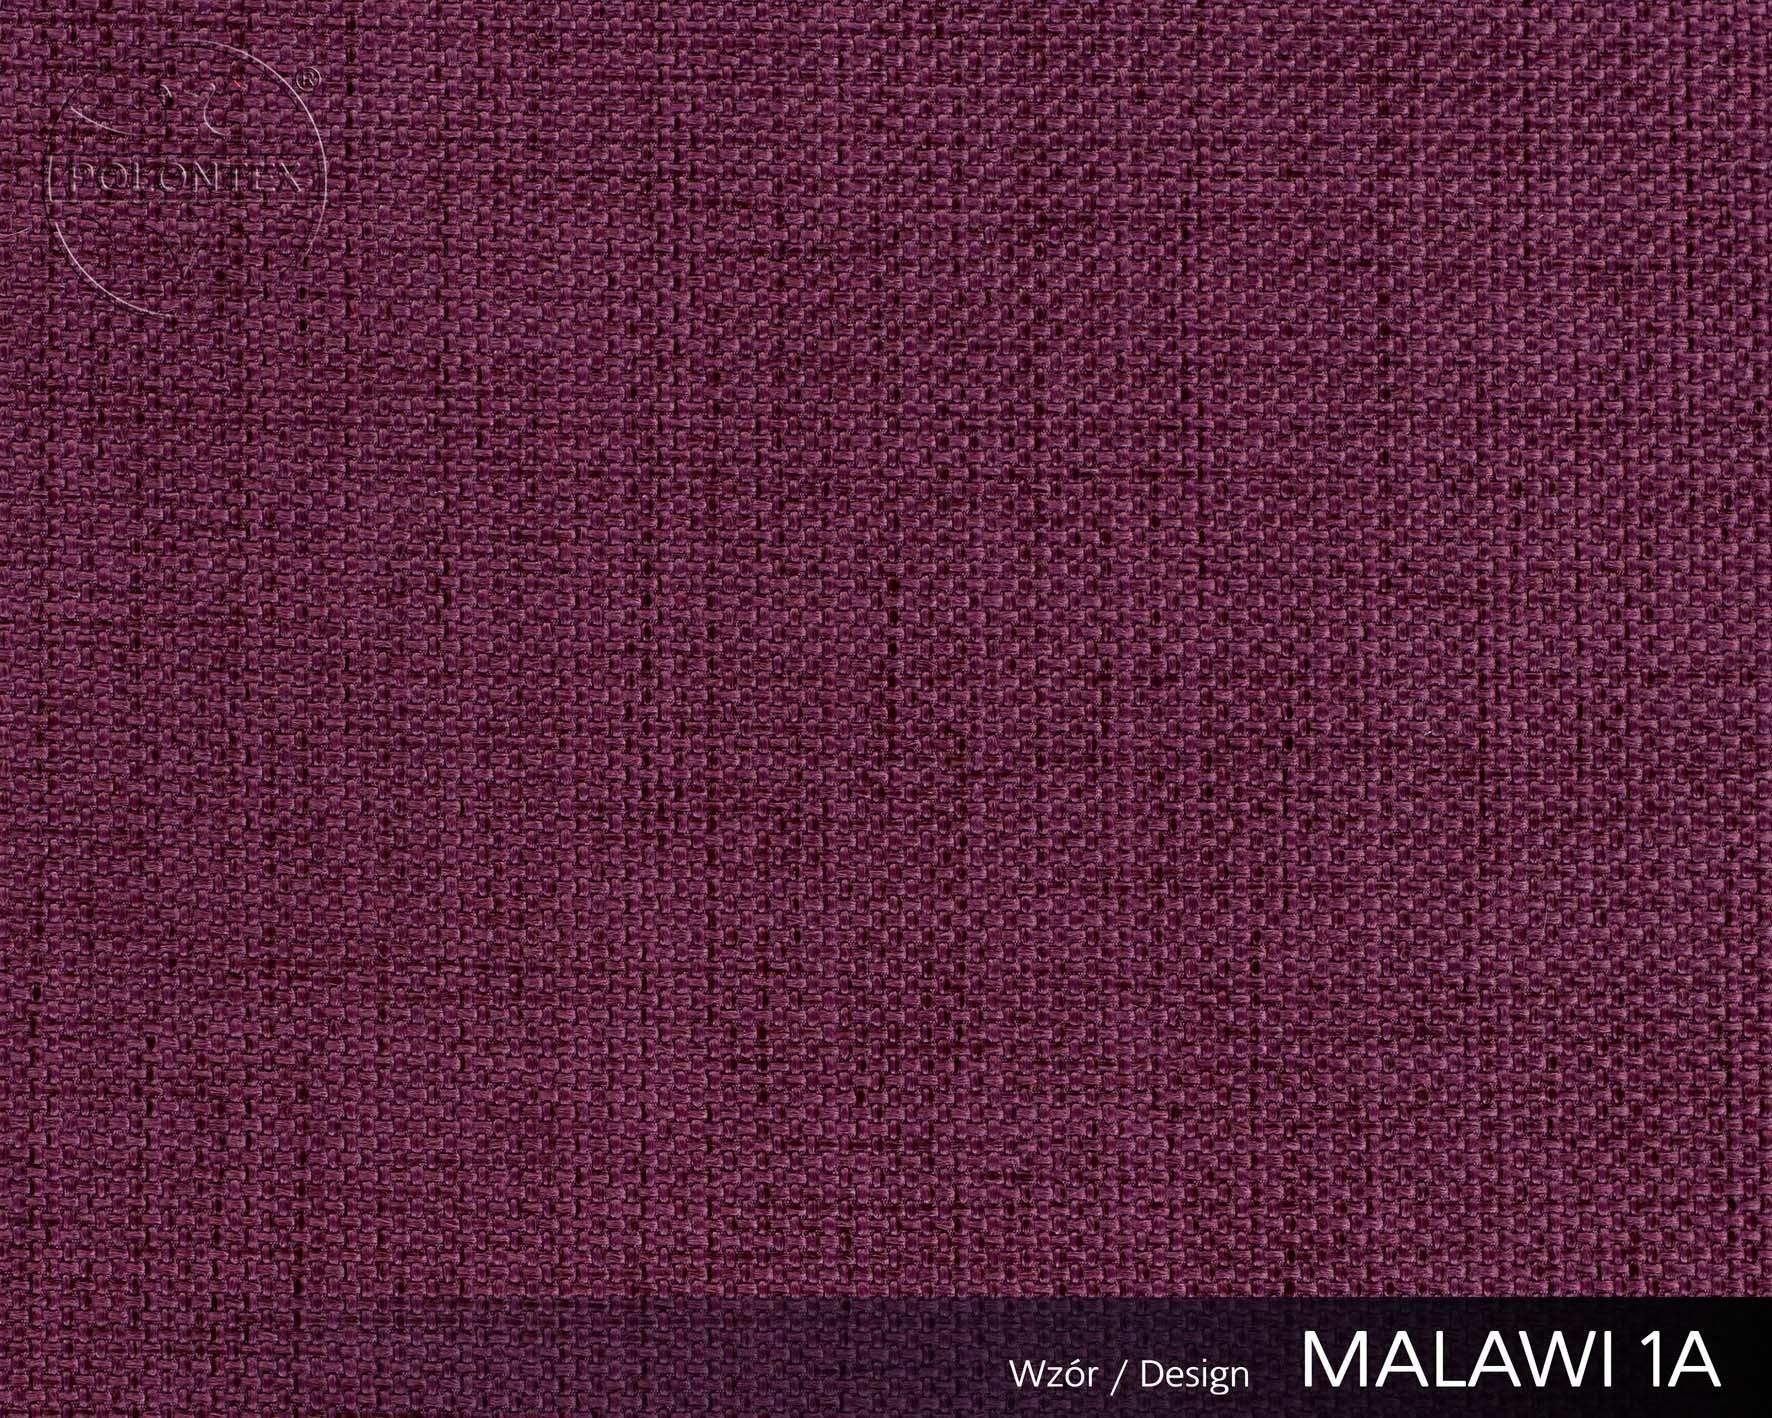 MALAWI 4114